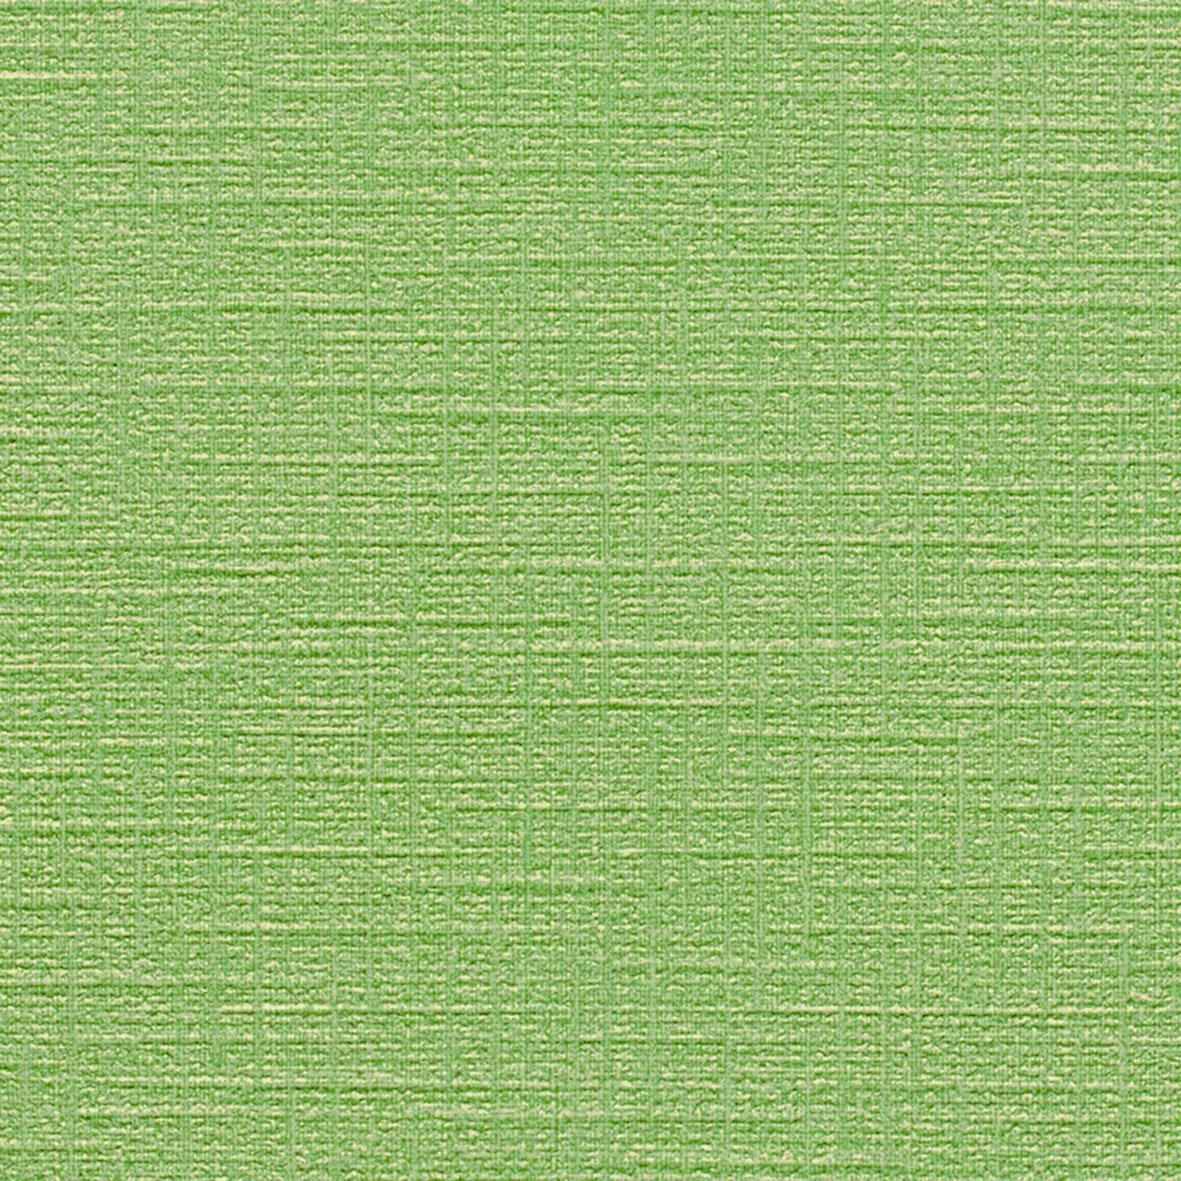 リリカラ 壁紙42m ナチュラル 織物調 グリーン LL-8383 B01N8T3XPC 42m|グリーン1